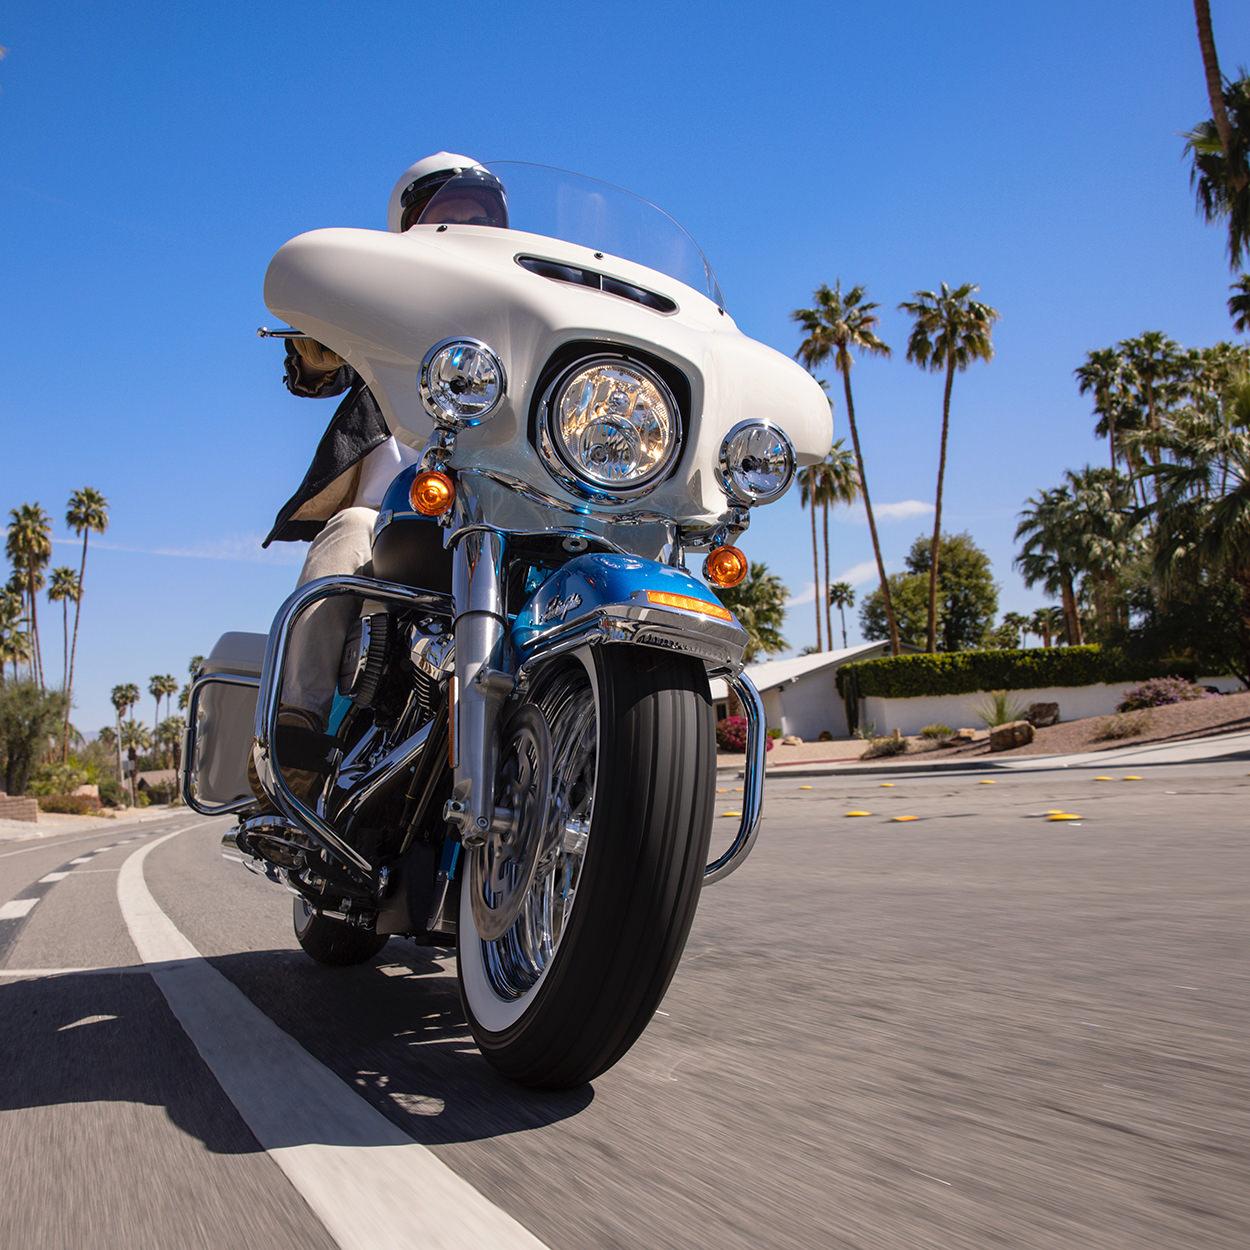 Harley-Davidson Electra Glide Revival